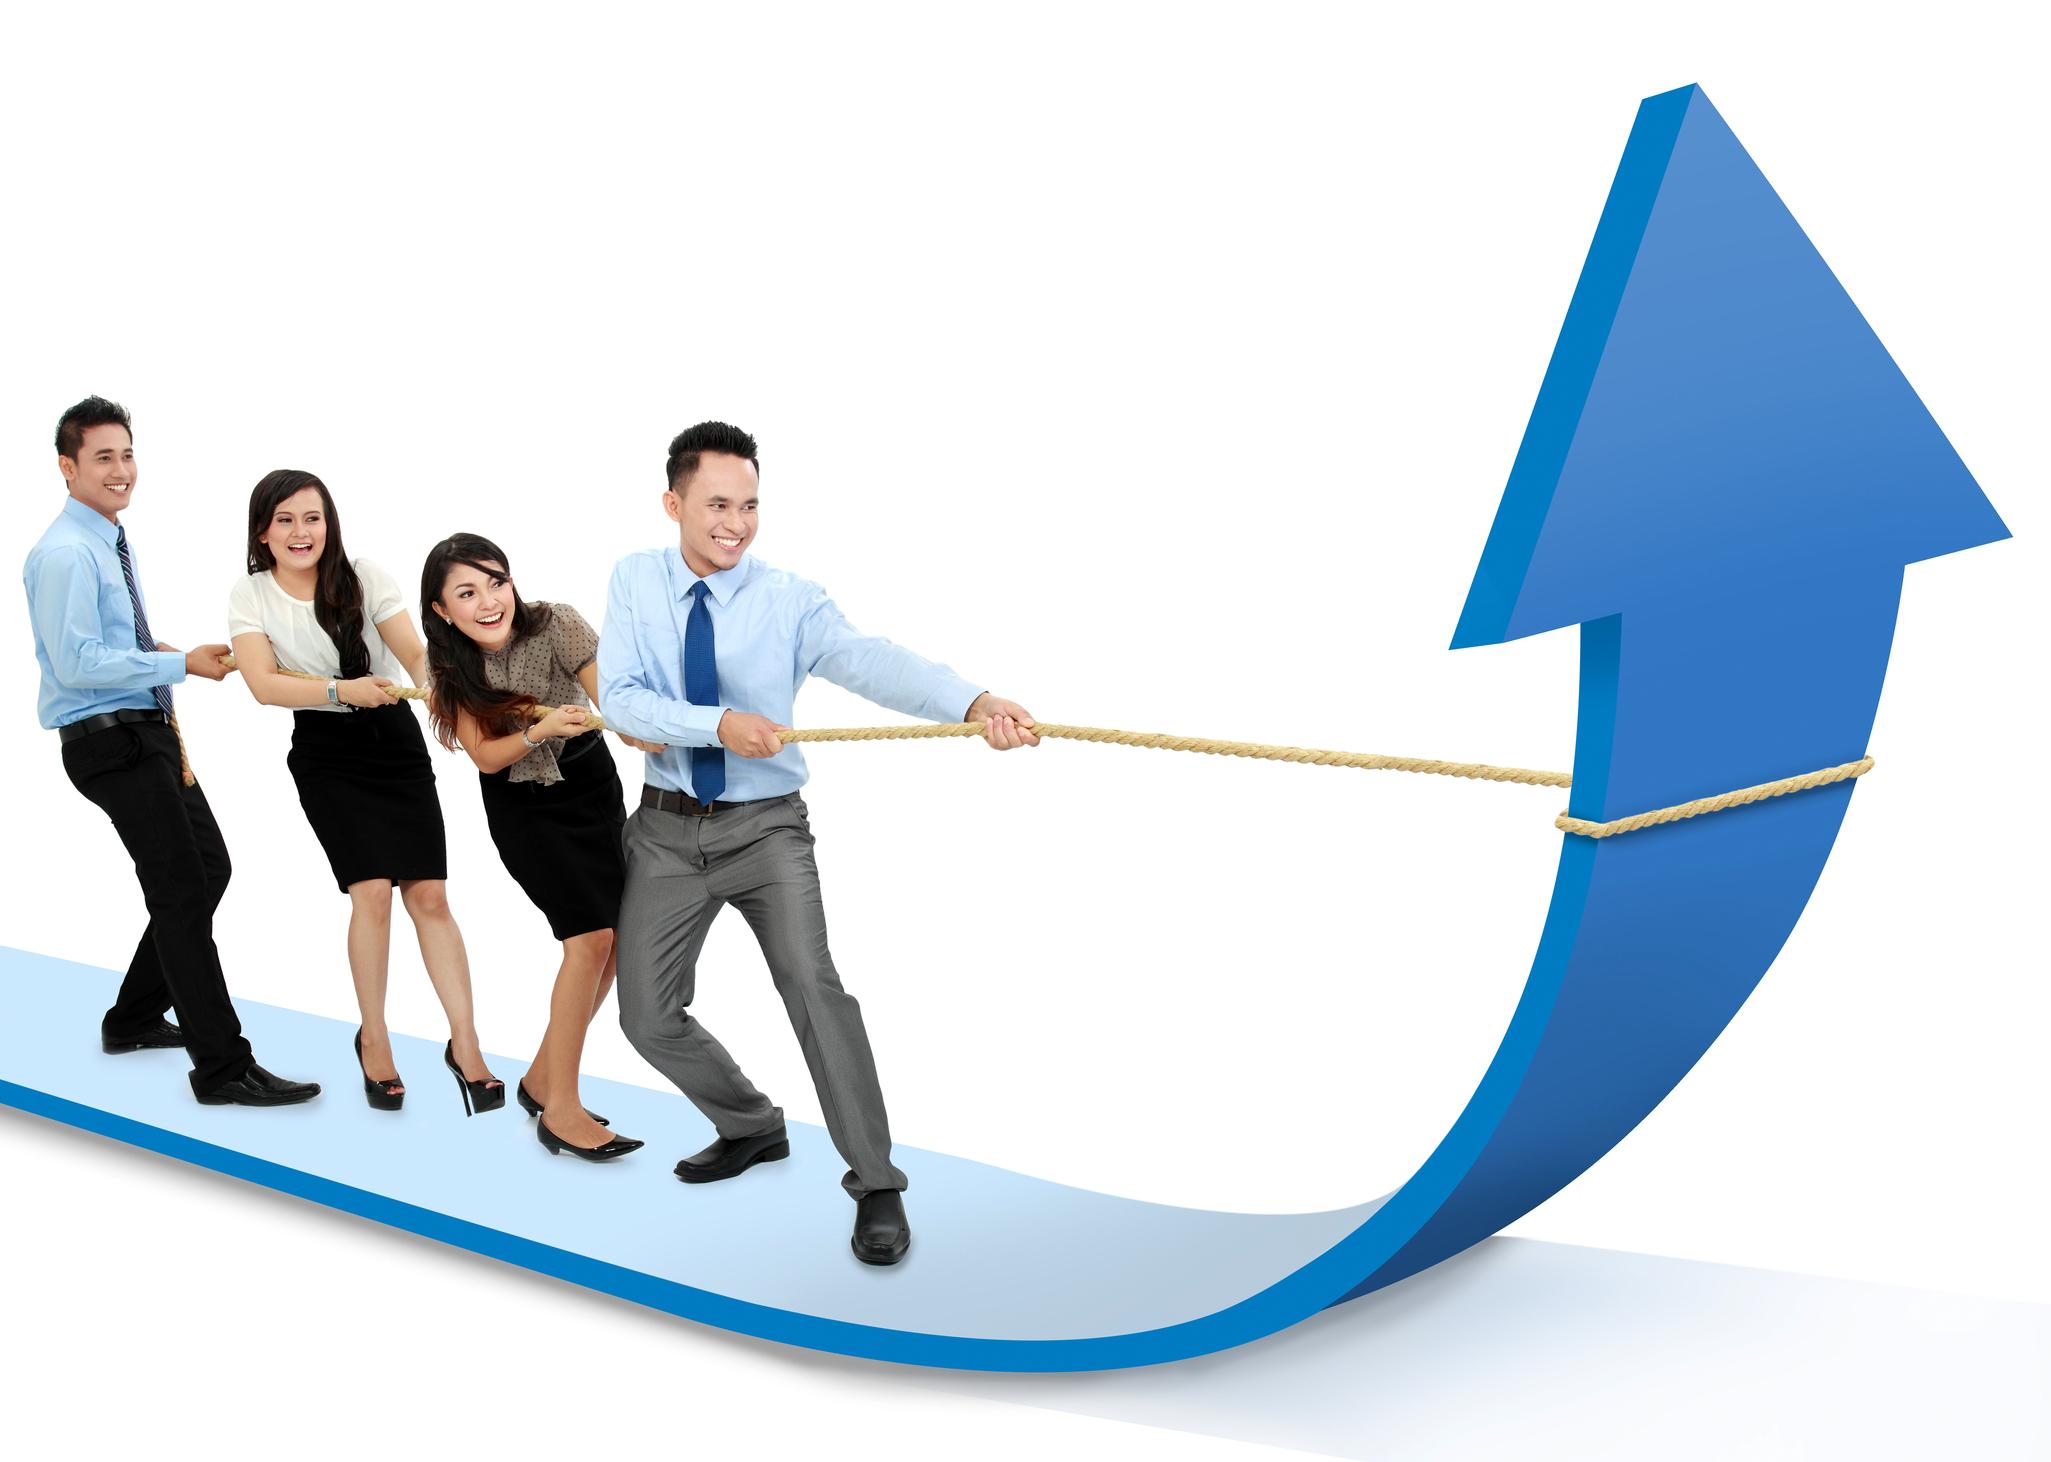 Картинки про сетевой бизнес позитивные яркие